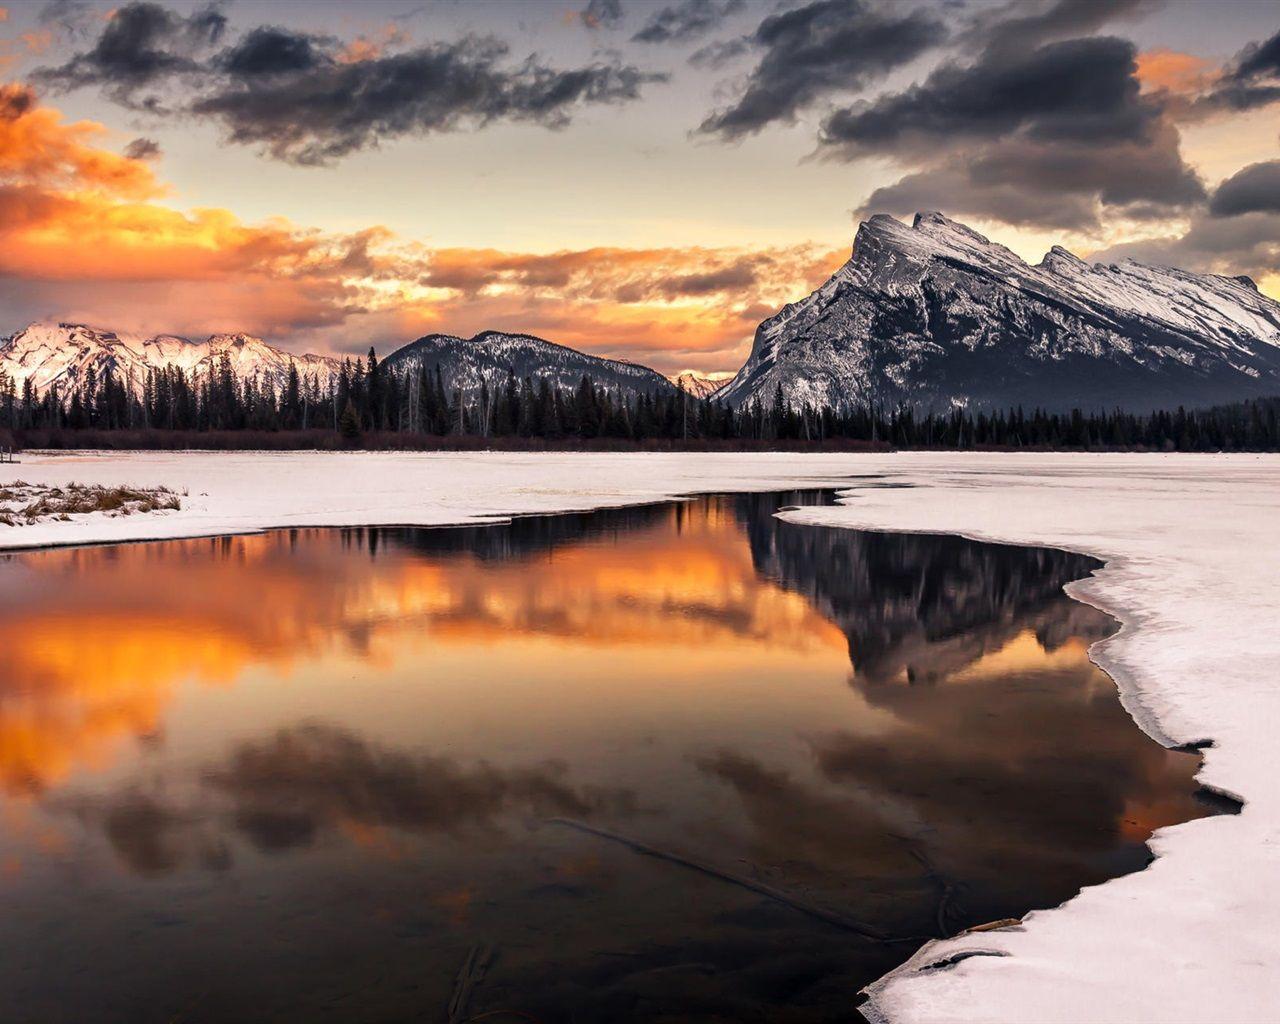 Hiver neige coucher de soleil montagne lac r flexion arbres fonds d 39 cran 1280x1024 - Photo coucher de soleil montagne ...